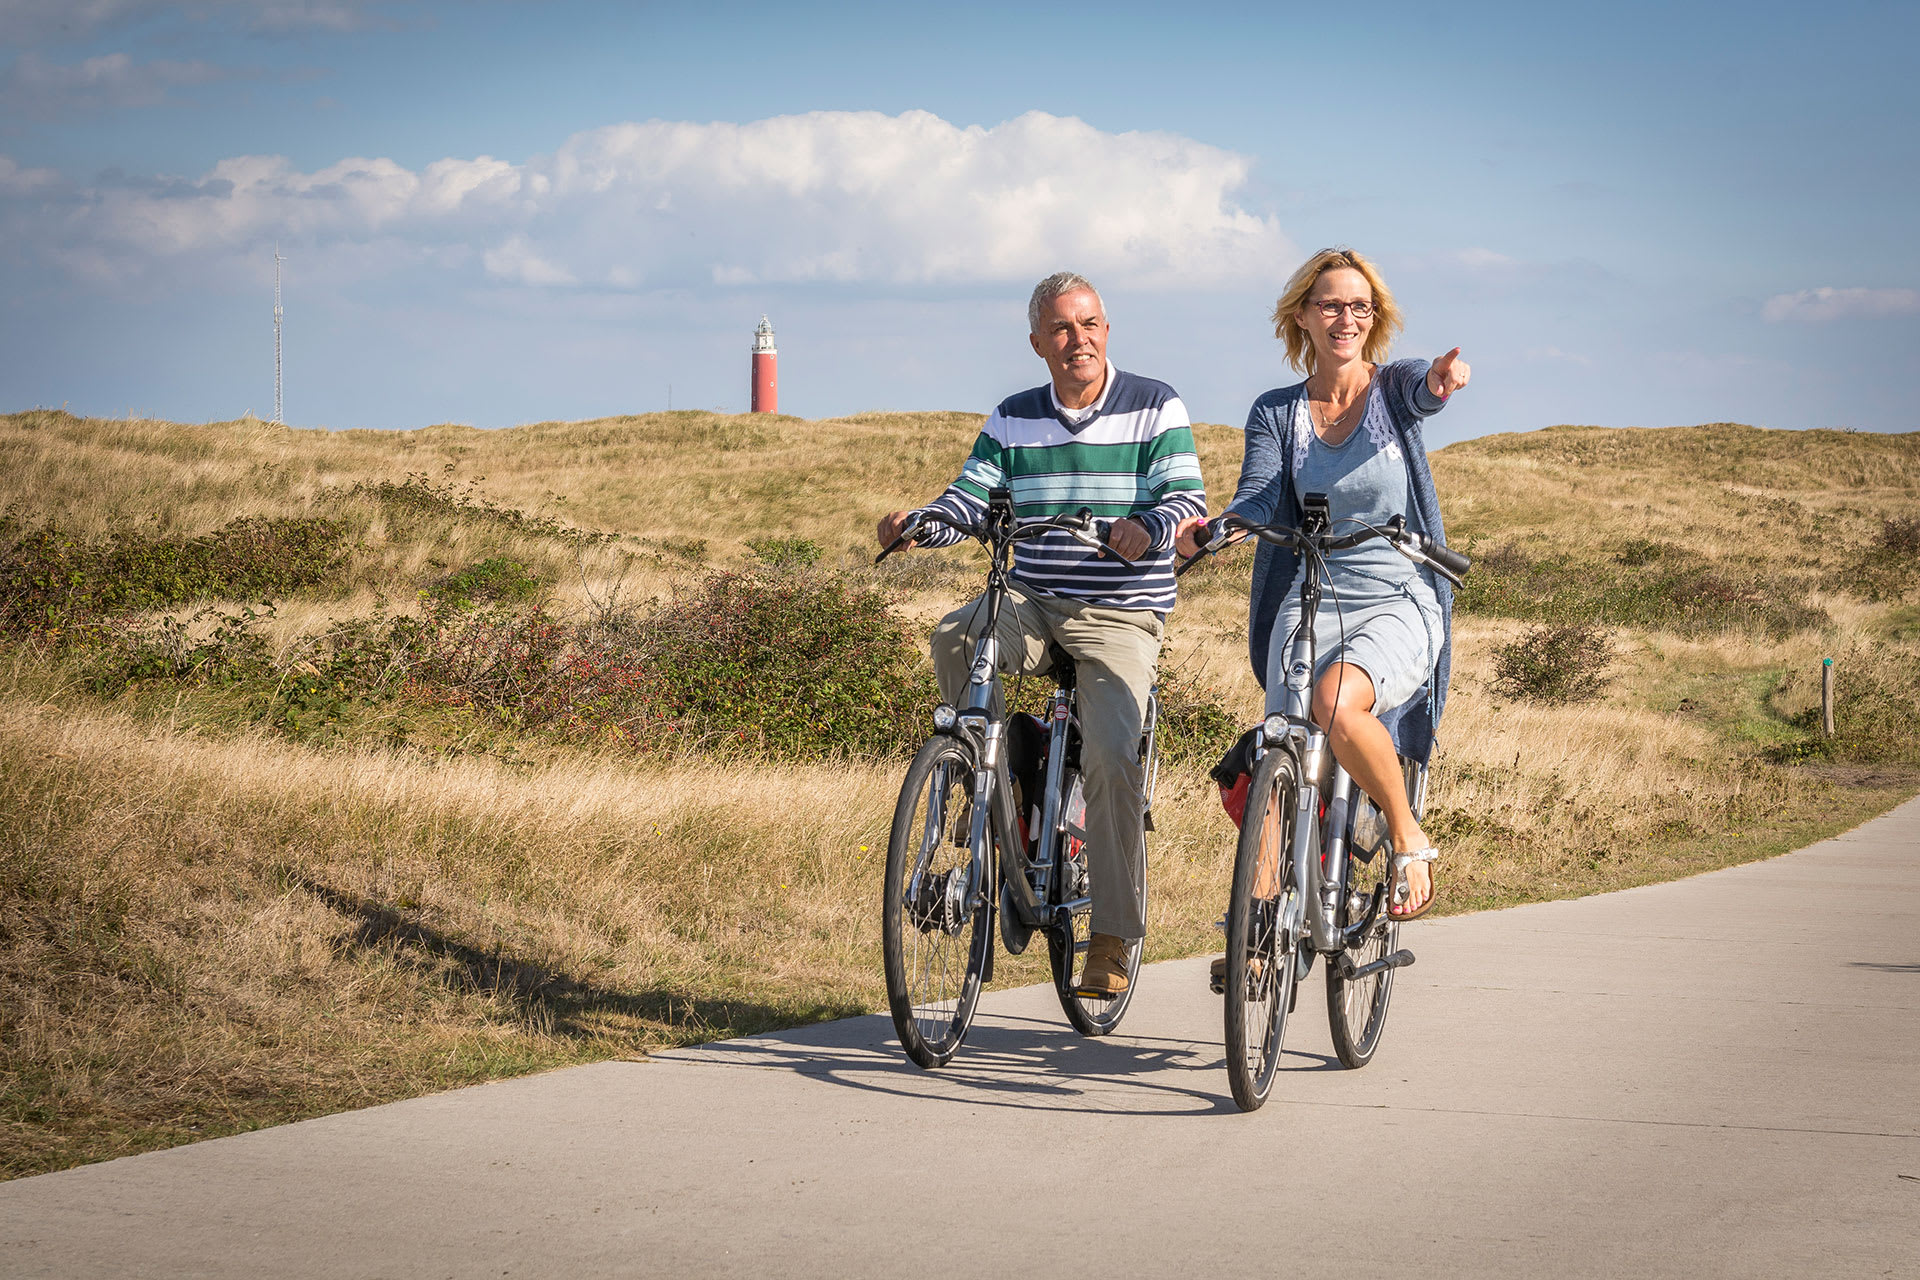 Heerlijk fietsen op Texel met de tips van De Krim Texel